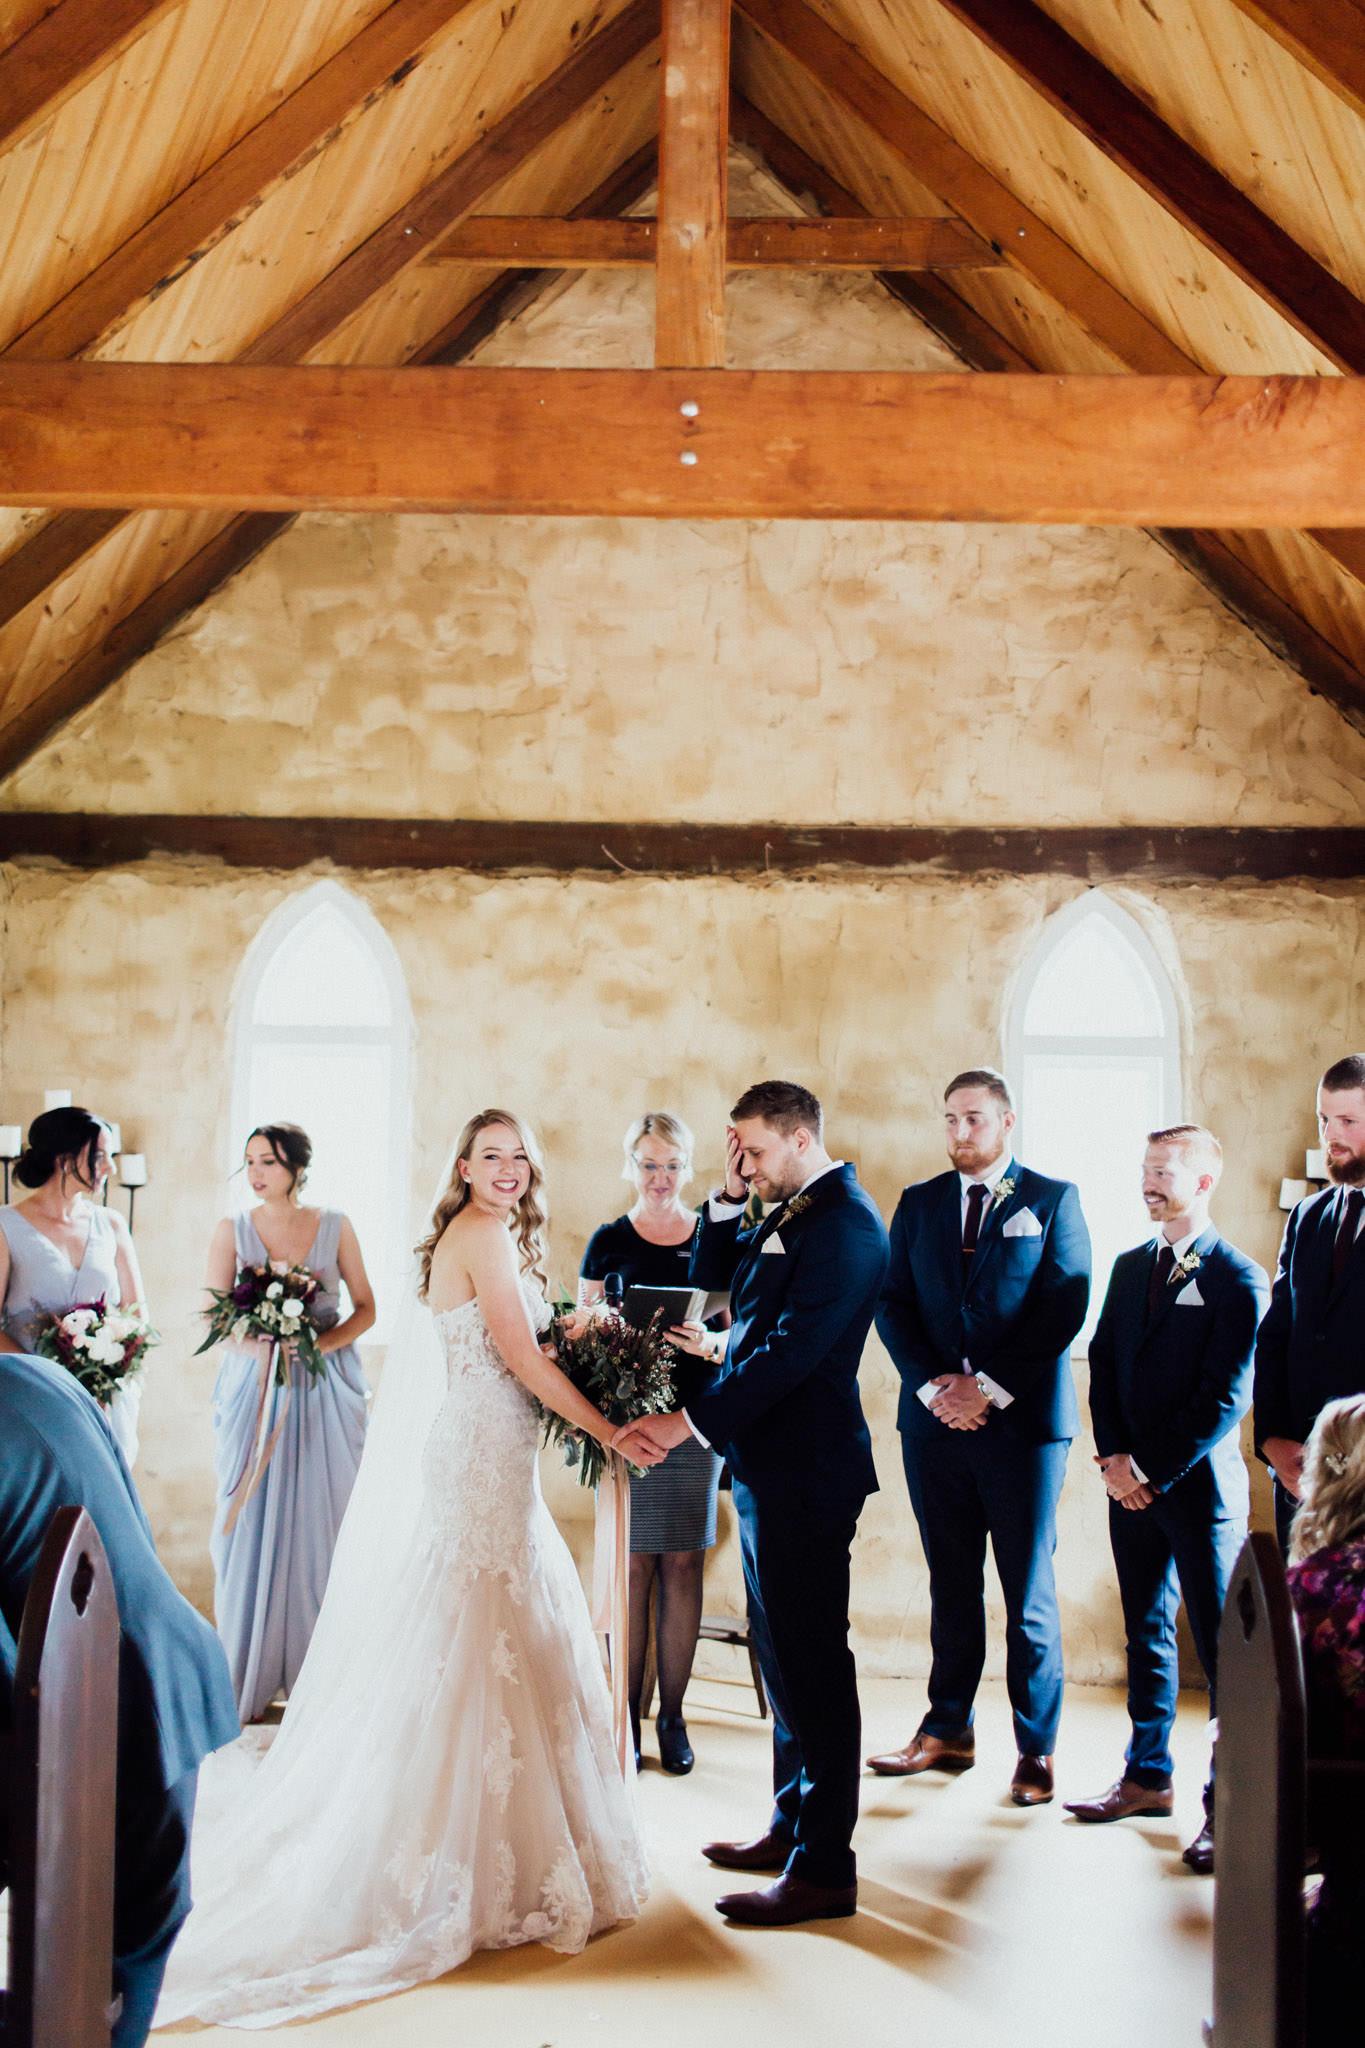 WeddingPhotos_Facebook_2048pixels-1040.jpg